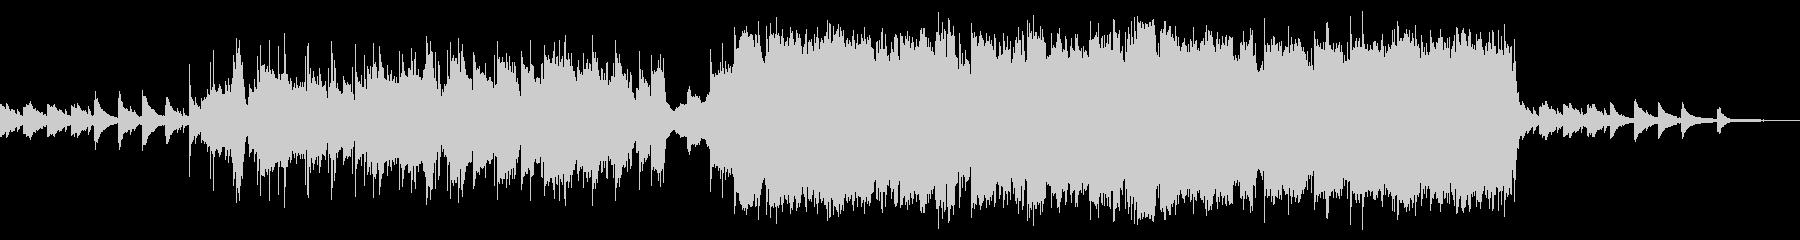 感動的なトランペットのスローバラードの未再生の波形